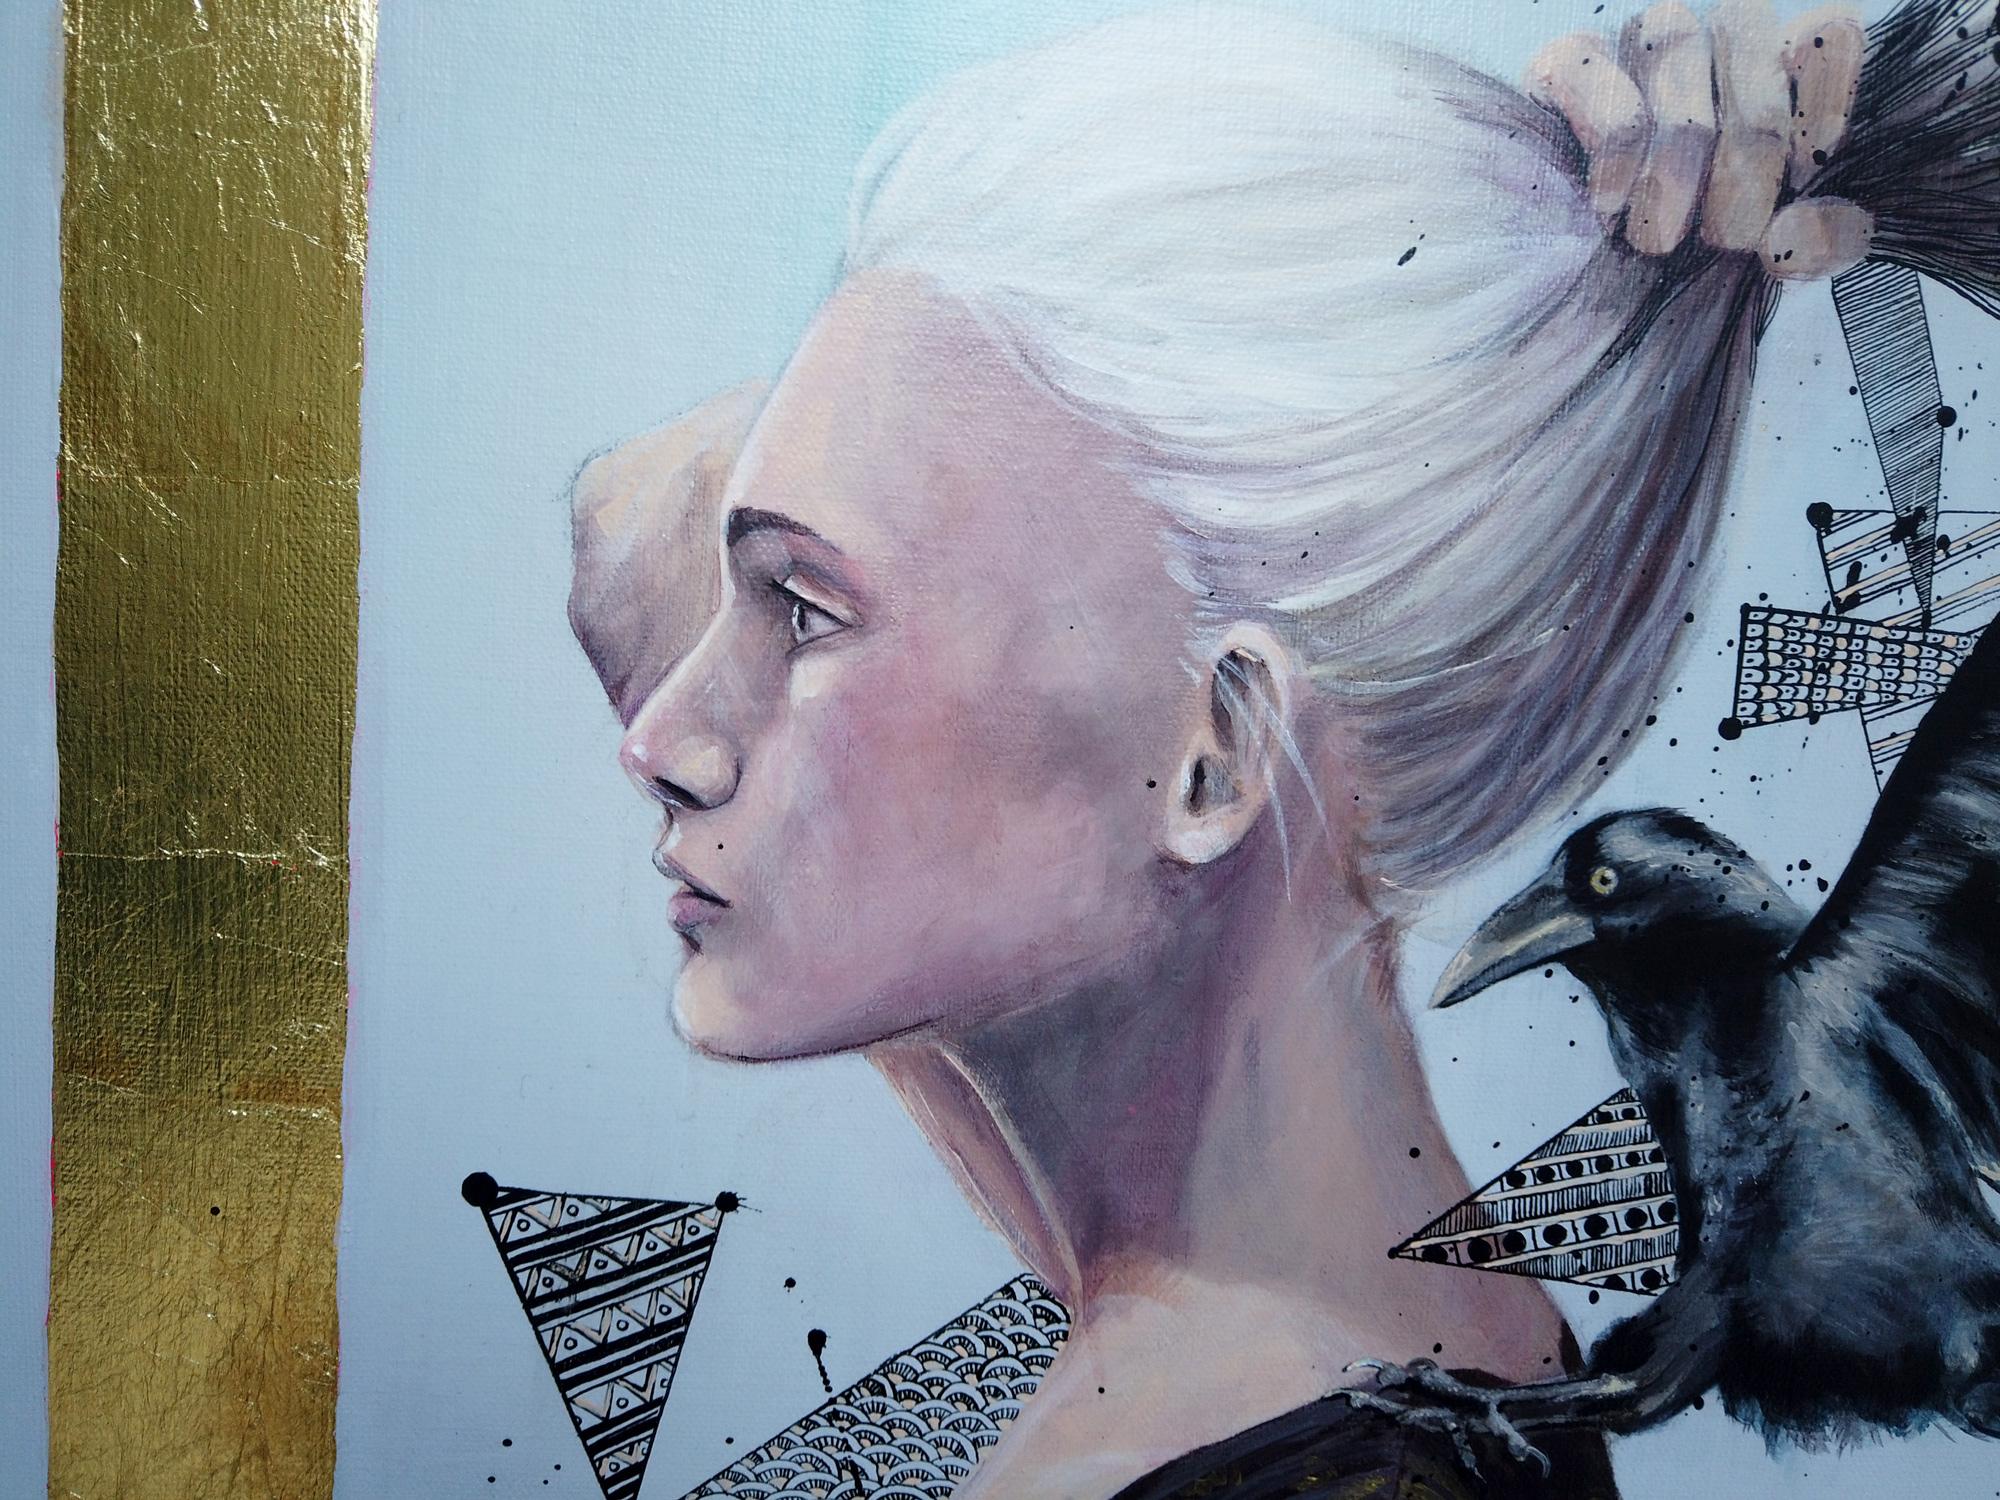 Détail du tableau acrylique peint par l'artiste peintre Priscilla Seiller